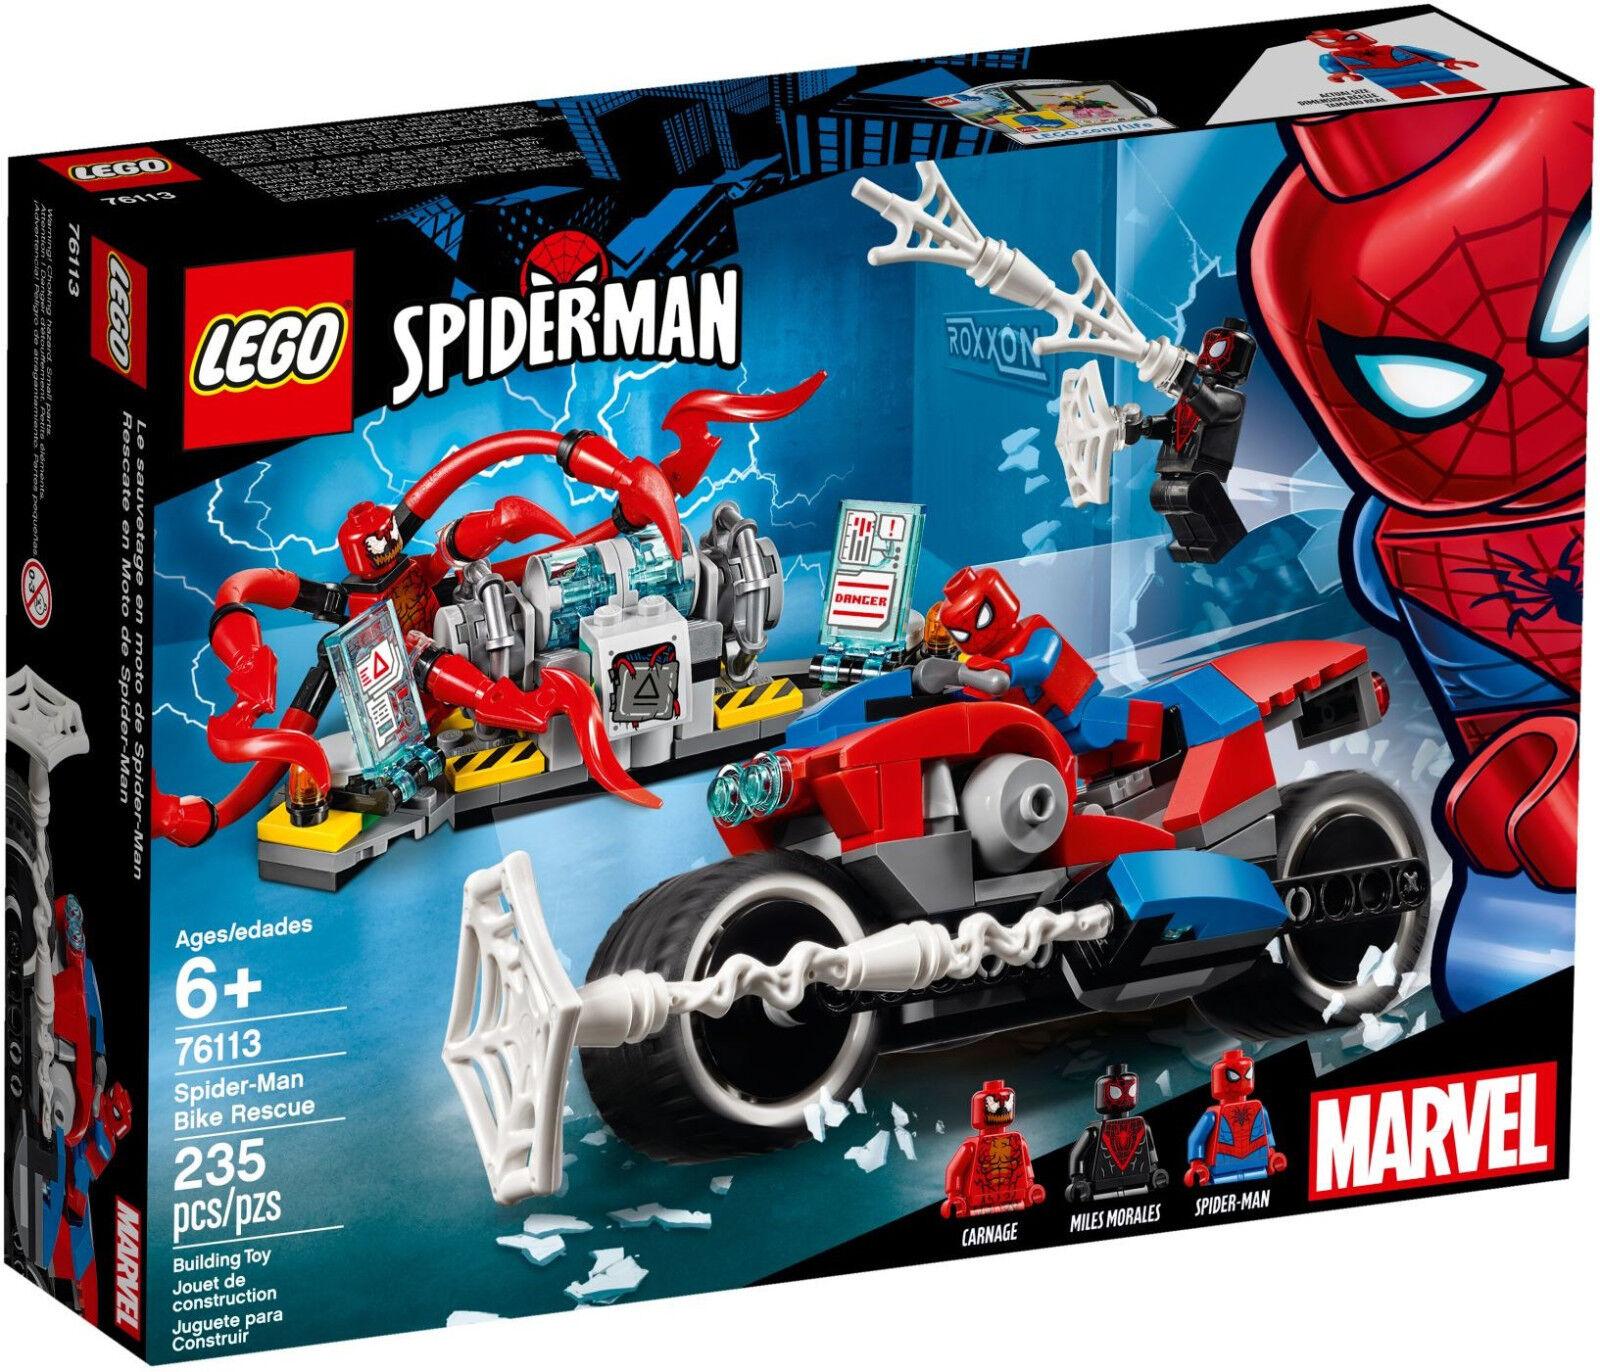 LEGO Marvel Superheroes - 76113 Spider-Man Spider-Man Spider-Man Motorradrettung - Neu & OVP f7ec83